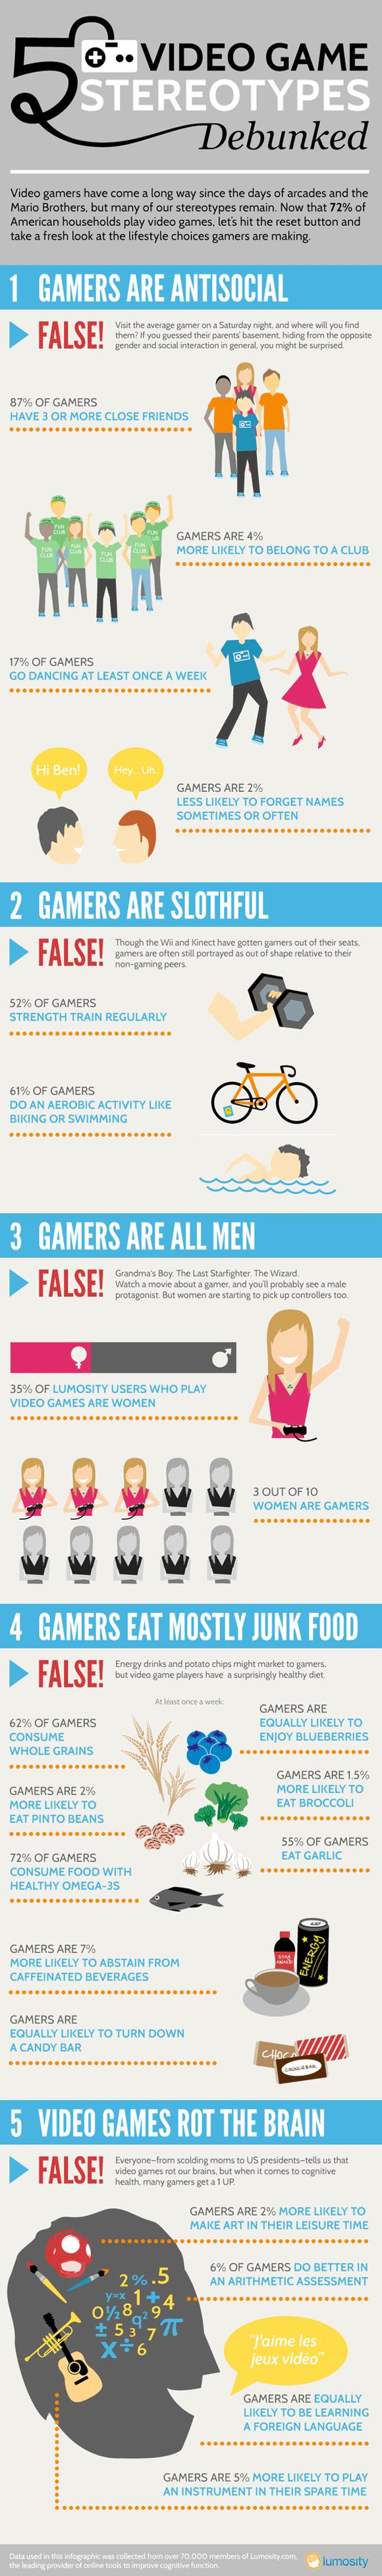 gamestereotypes - Les cinq mythes stéréotypés du gamer [Infographique]